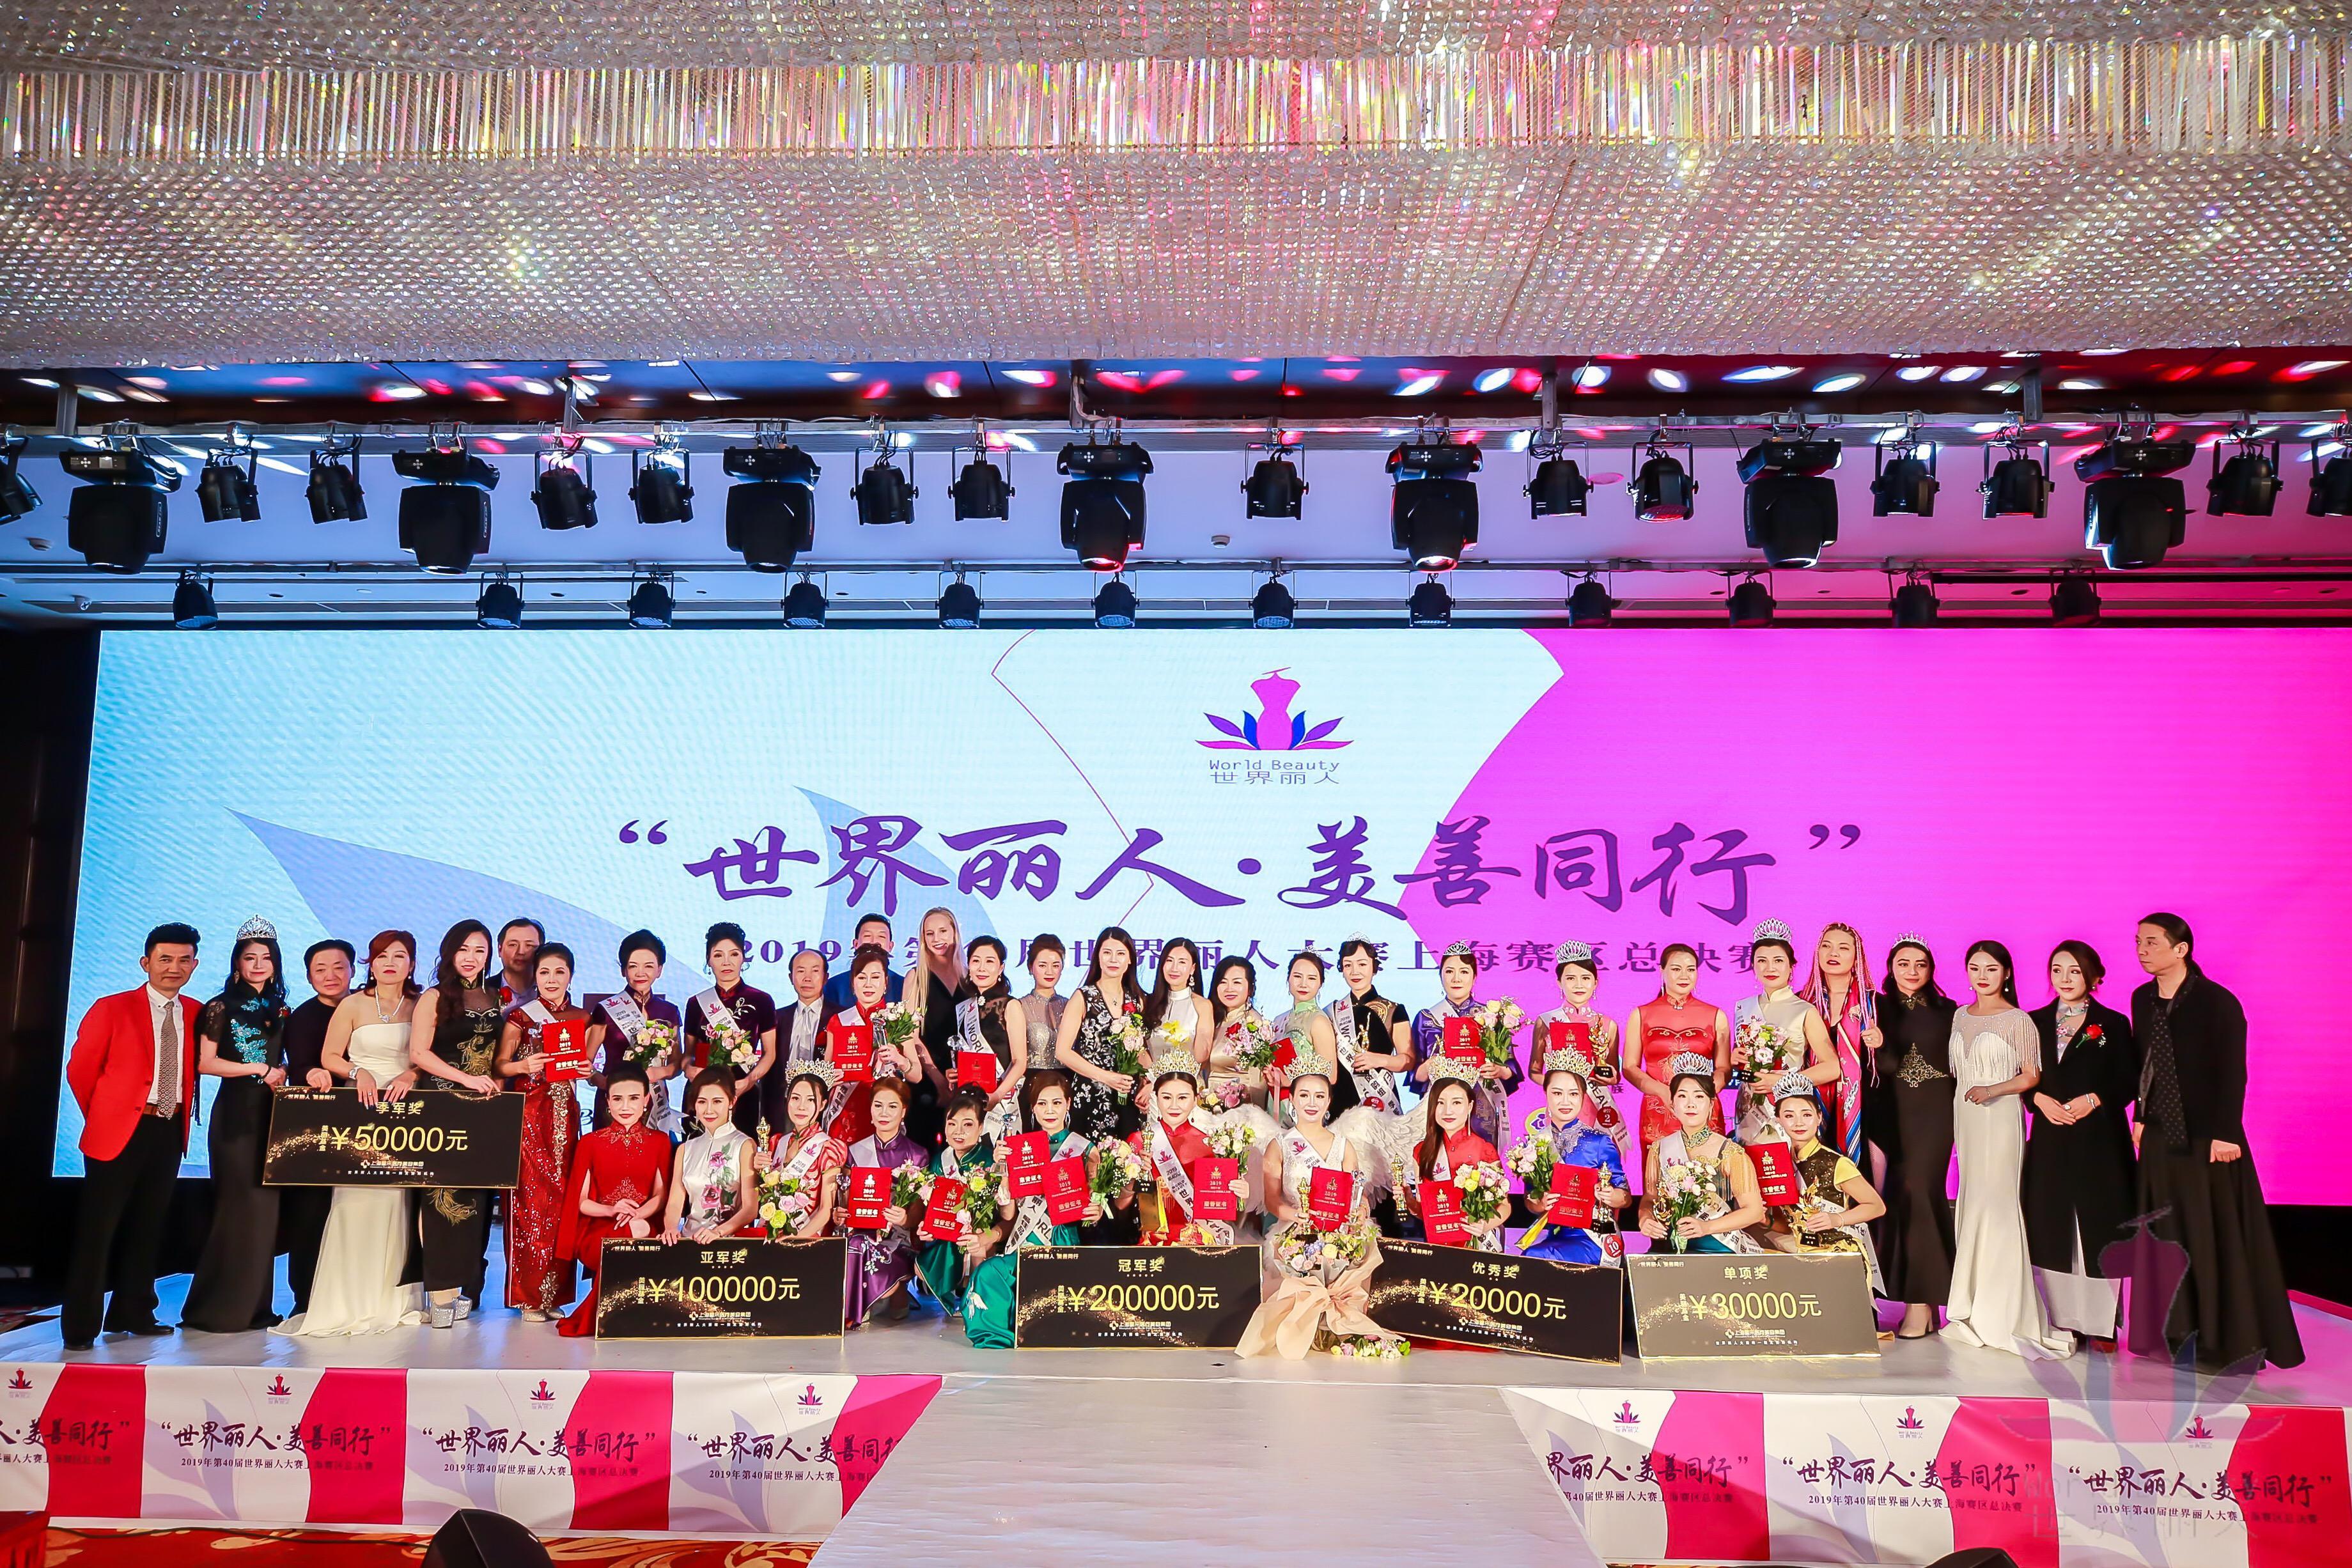 荣耀盛世——第40届世界丽人大赛上海赛区总决赛圆满落幕-天津热点网